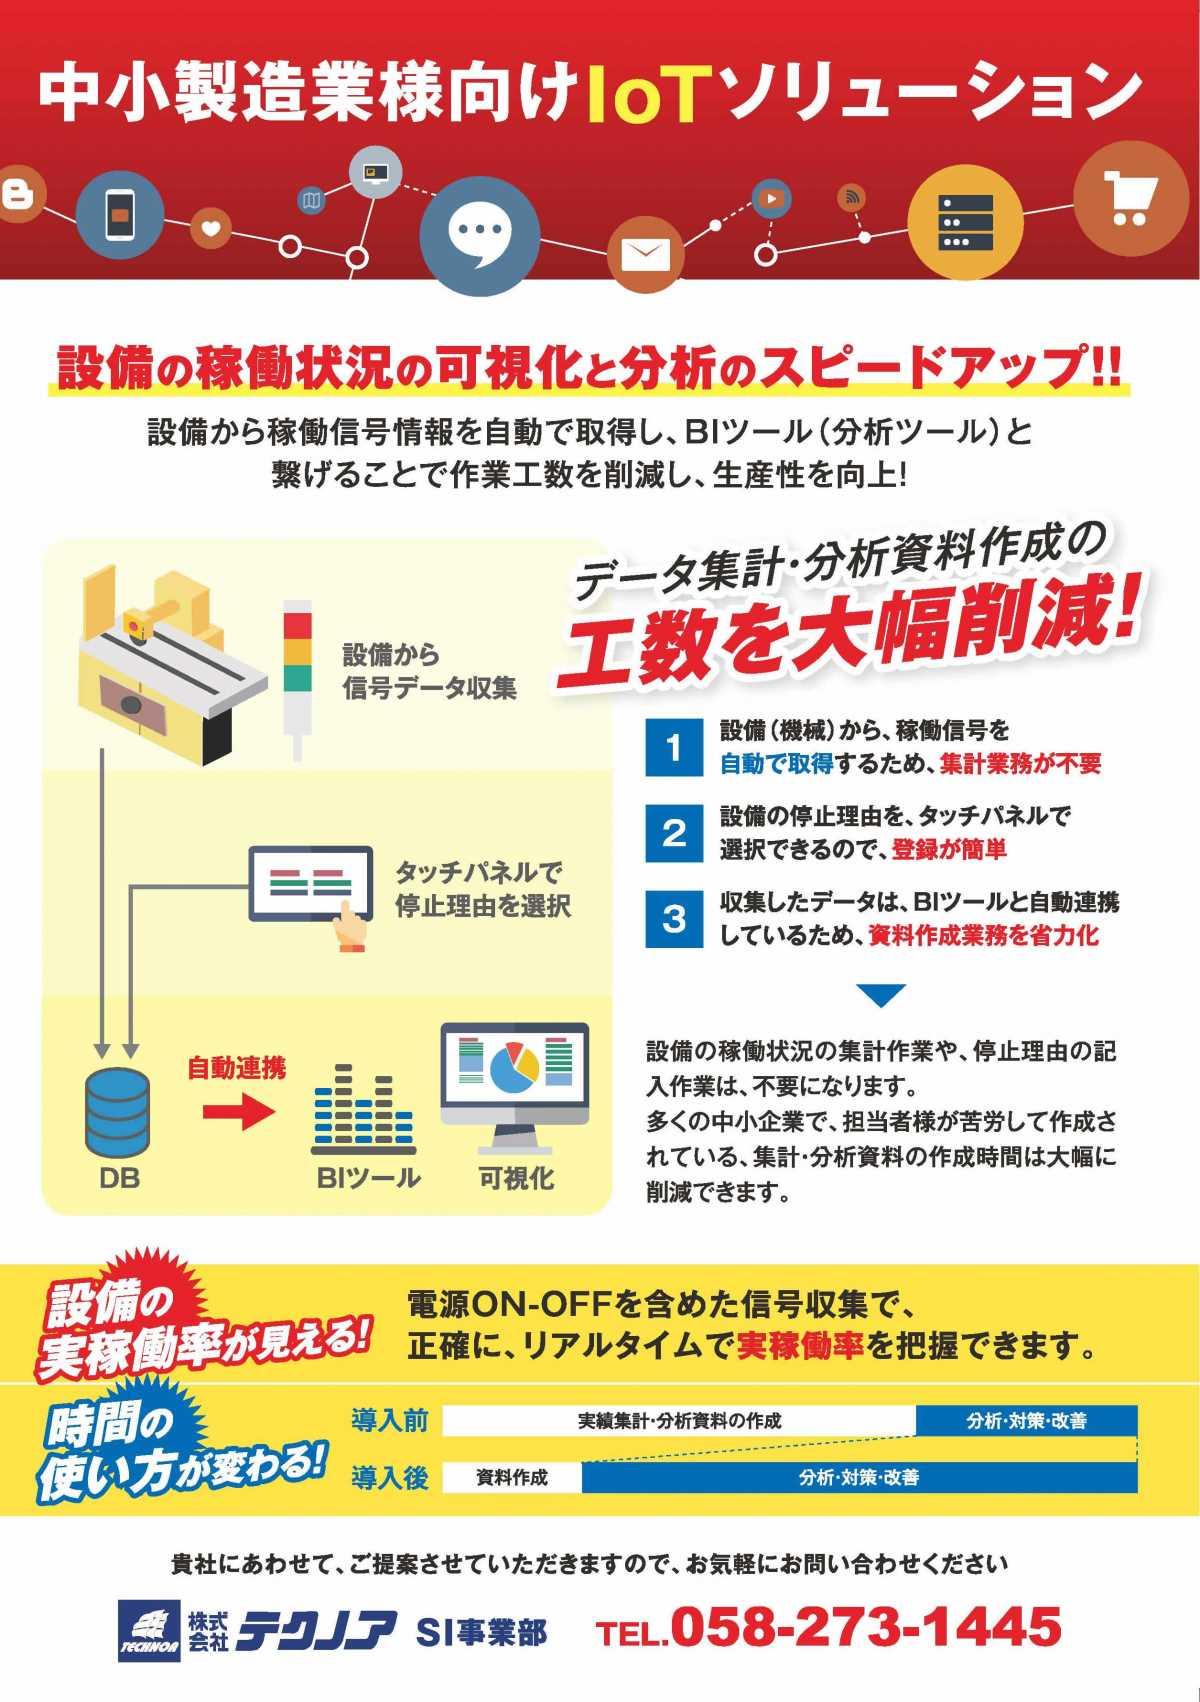 製造業・加工業様向けIoTソリューション(集計・分析資料作成の手間を大幅削減!)